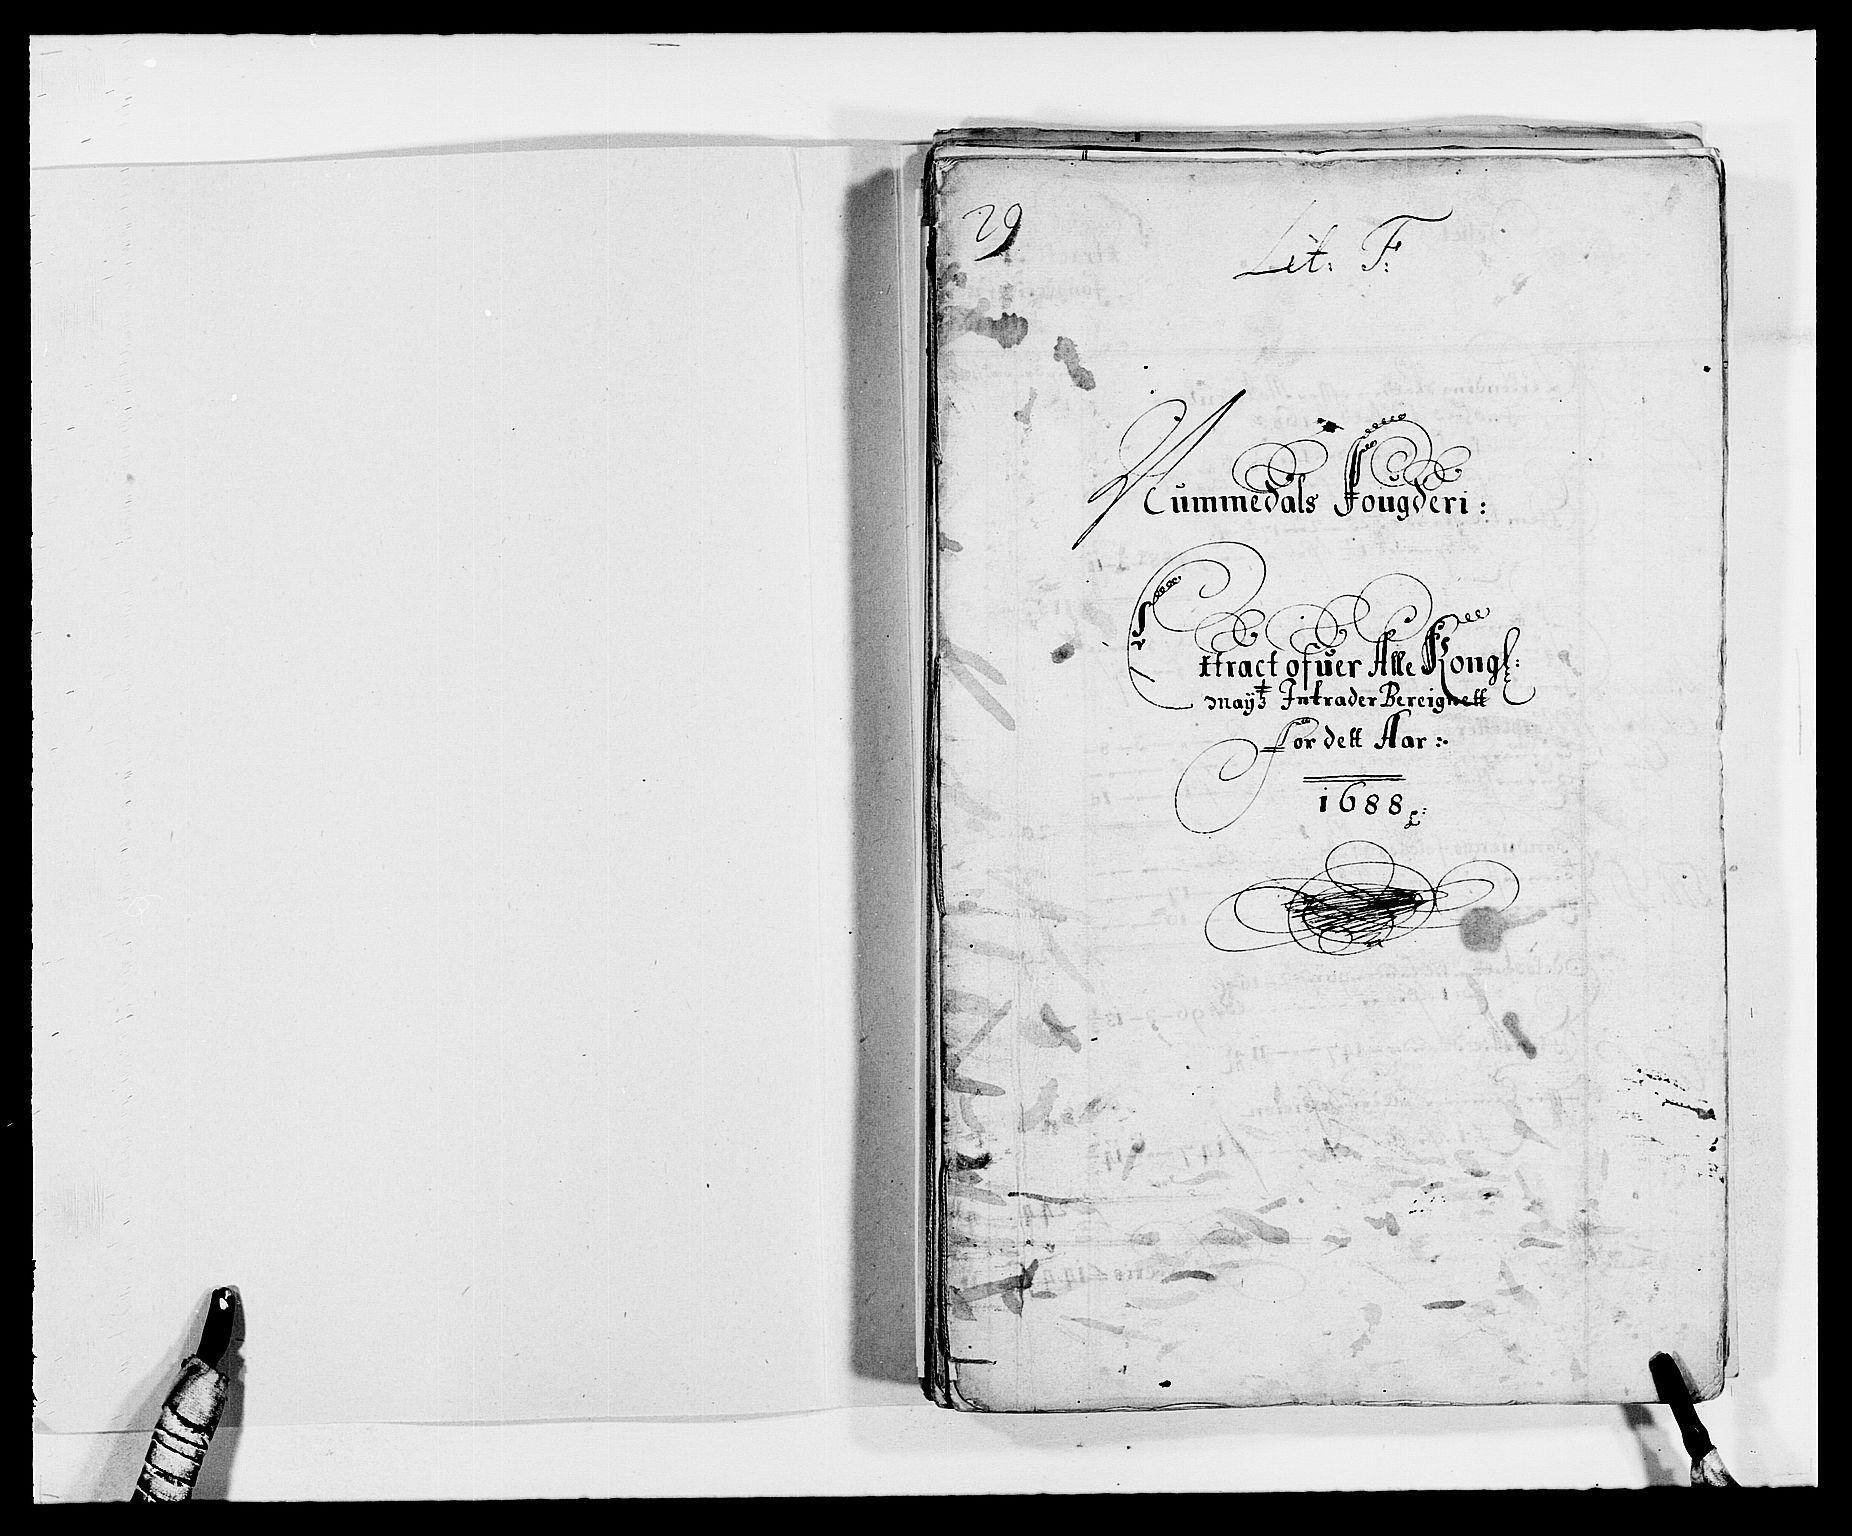 RA, Rentekammeret inntil 1814, Reviderte regnskaper, Fogderegnskap, R64/L4422: Fogderegnskap Namdal, 1687-1689, s. 92